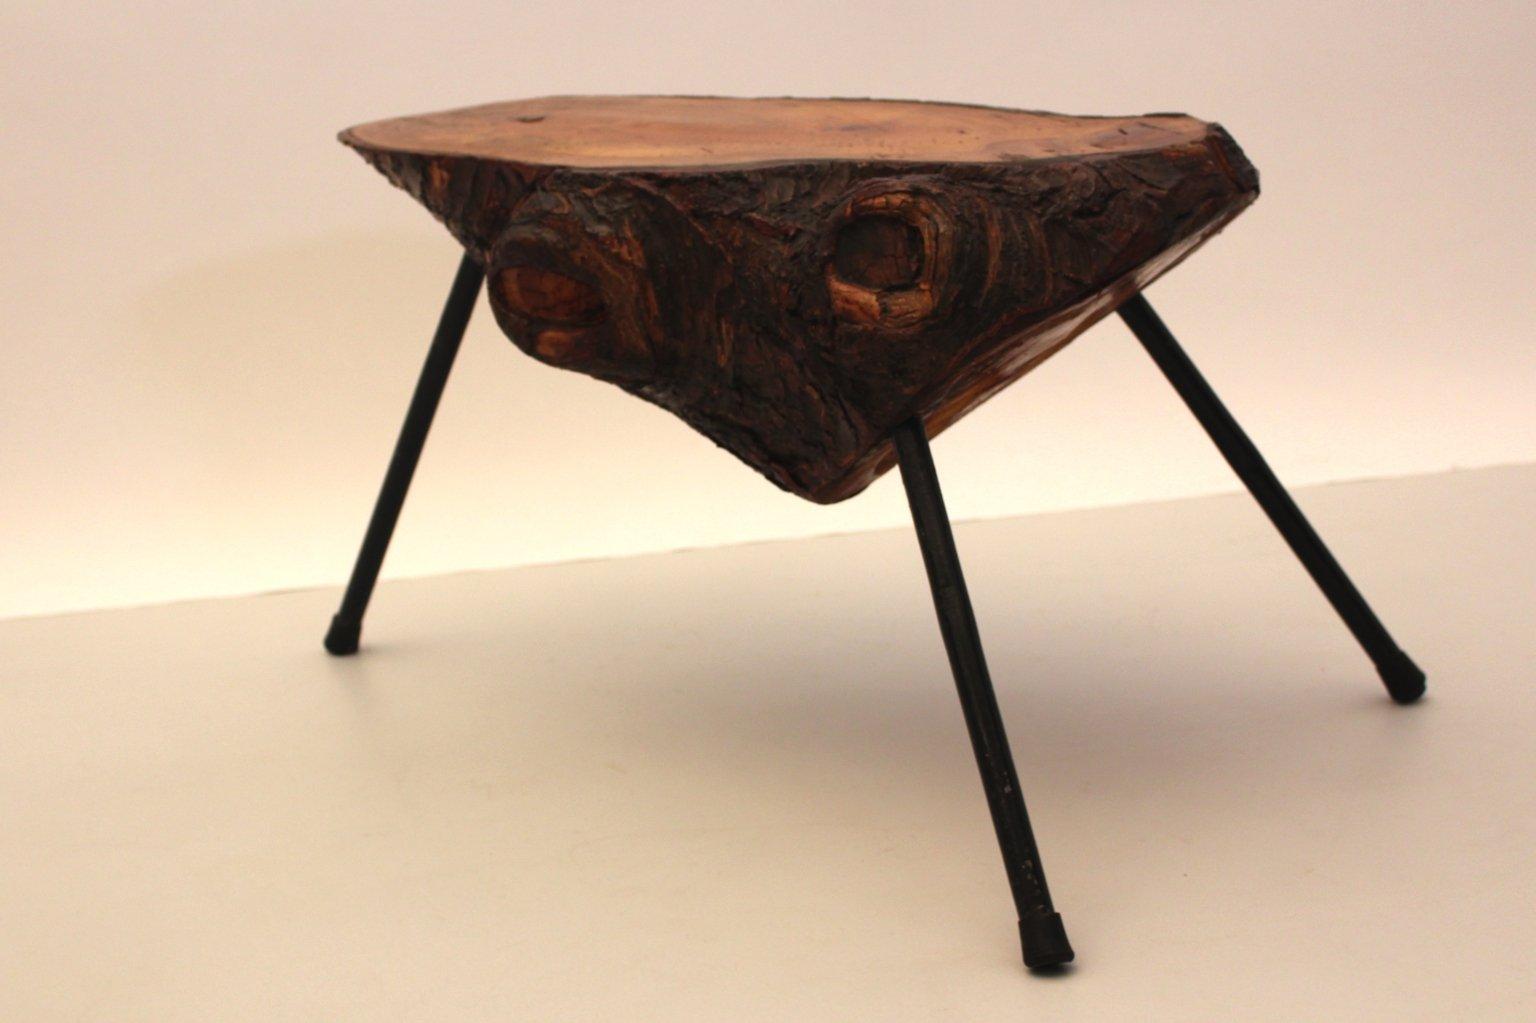 Table tronc d 39 arbre autriche 1950s en vente sur pamono - Table en tronc d arbre ...